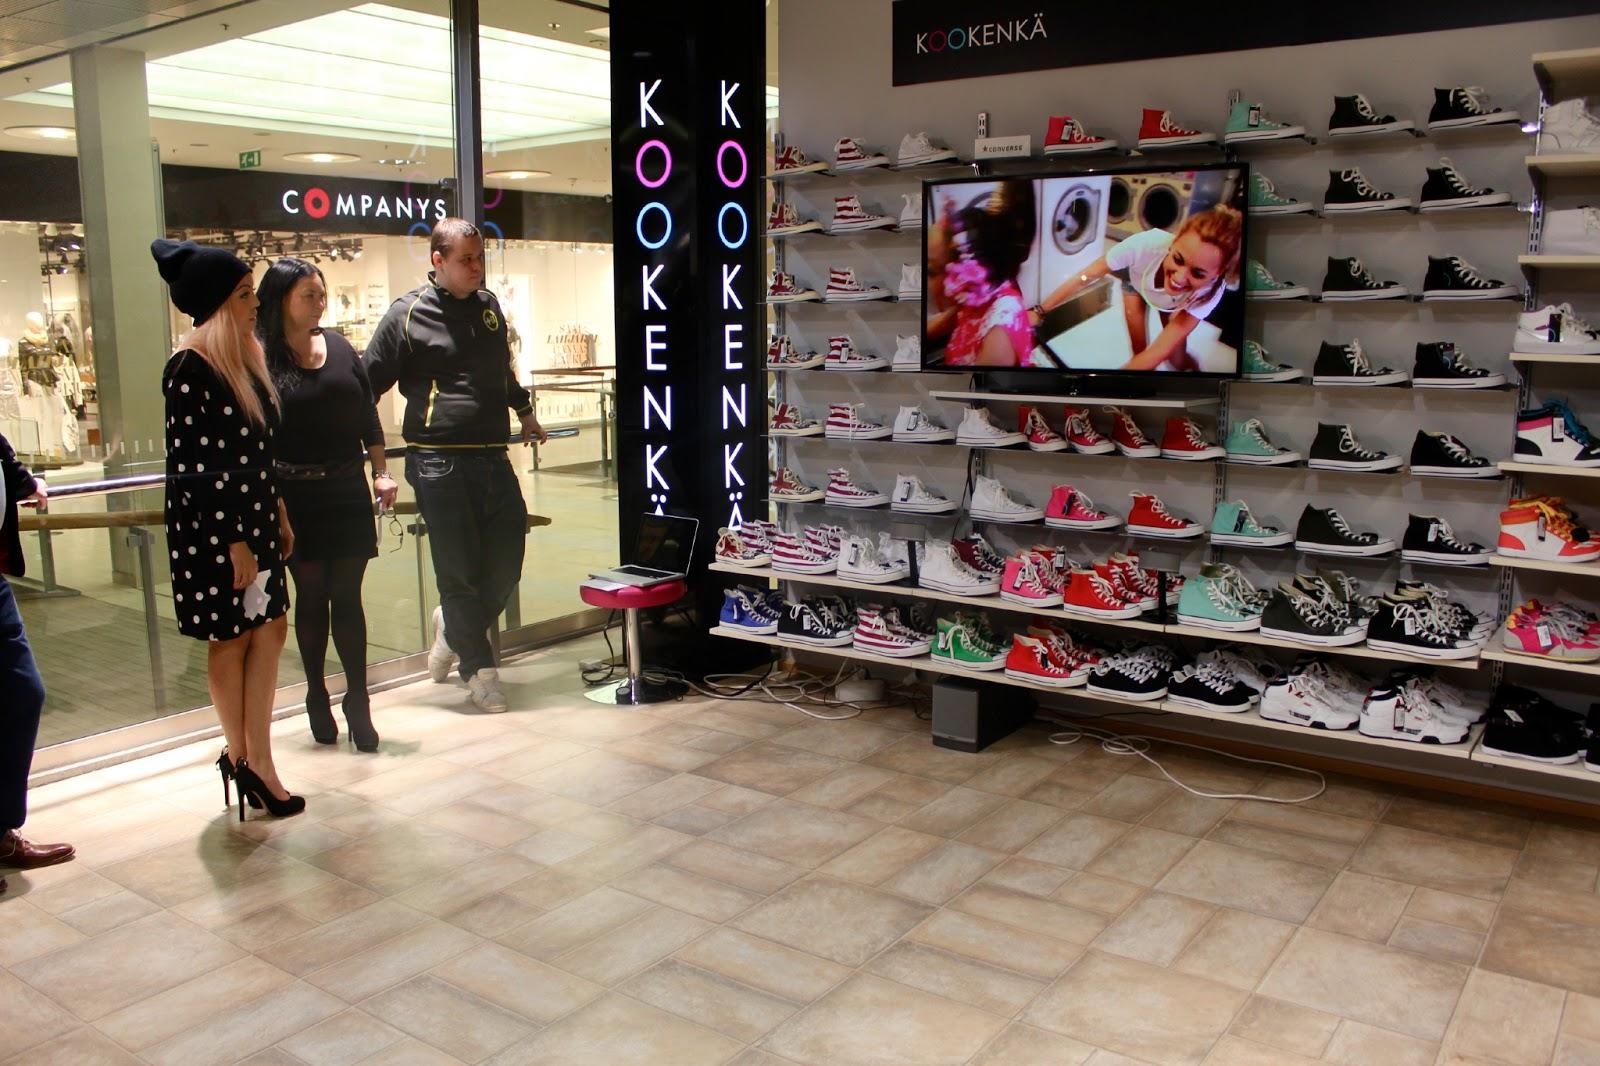 Kookenkä new store identity